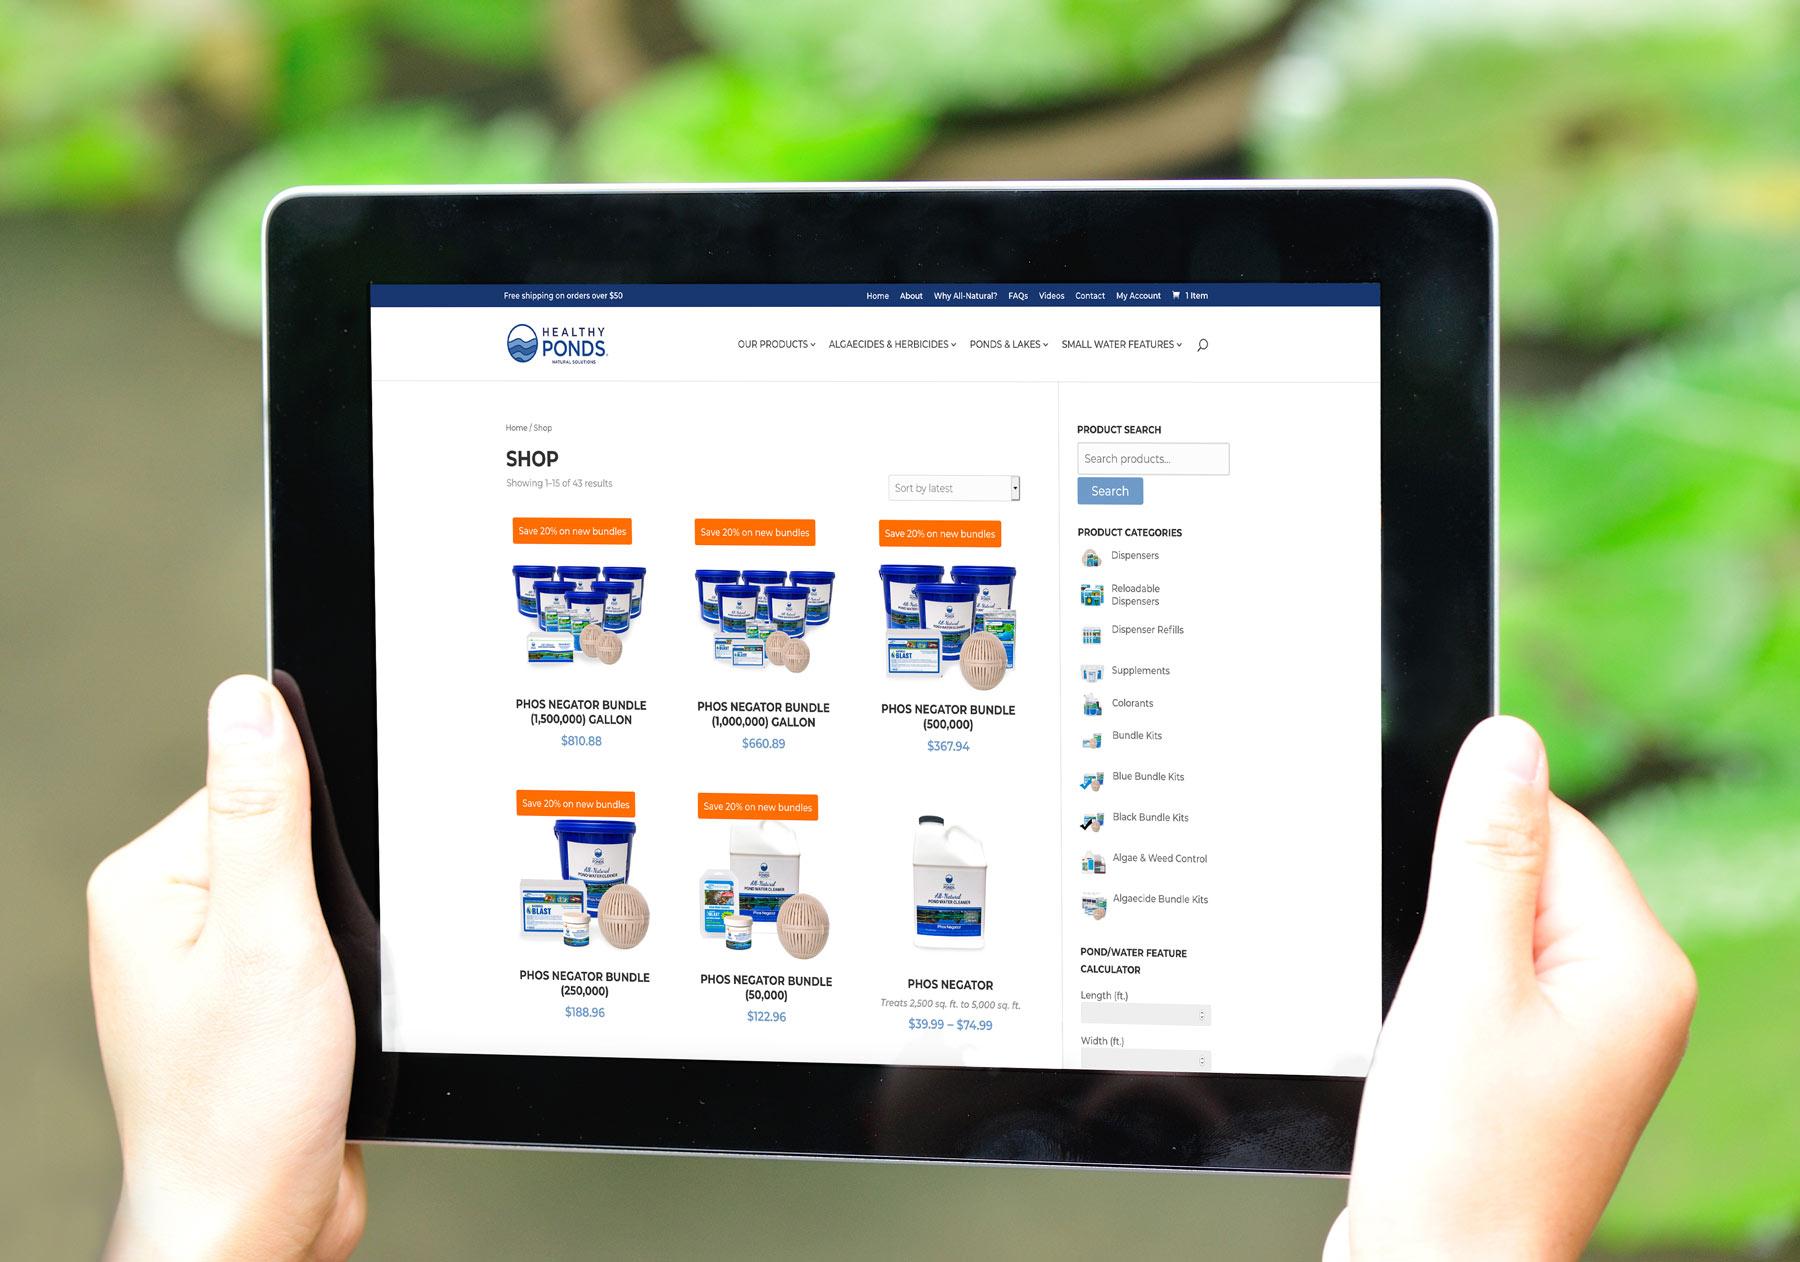 healthyponds website on tablet